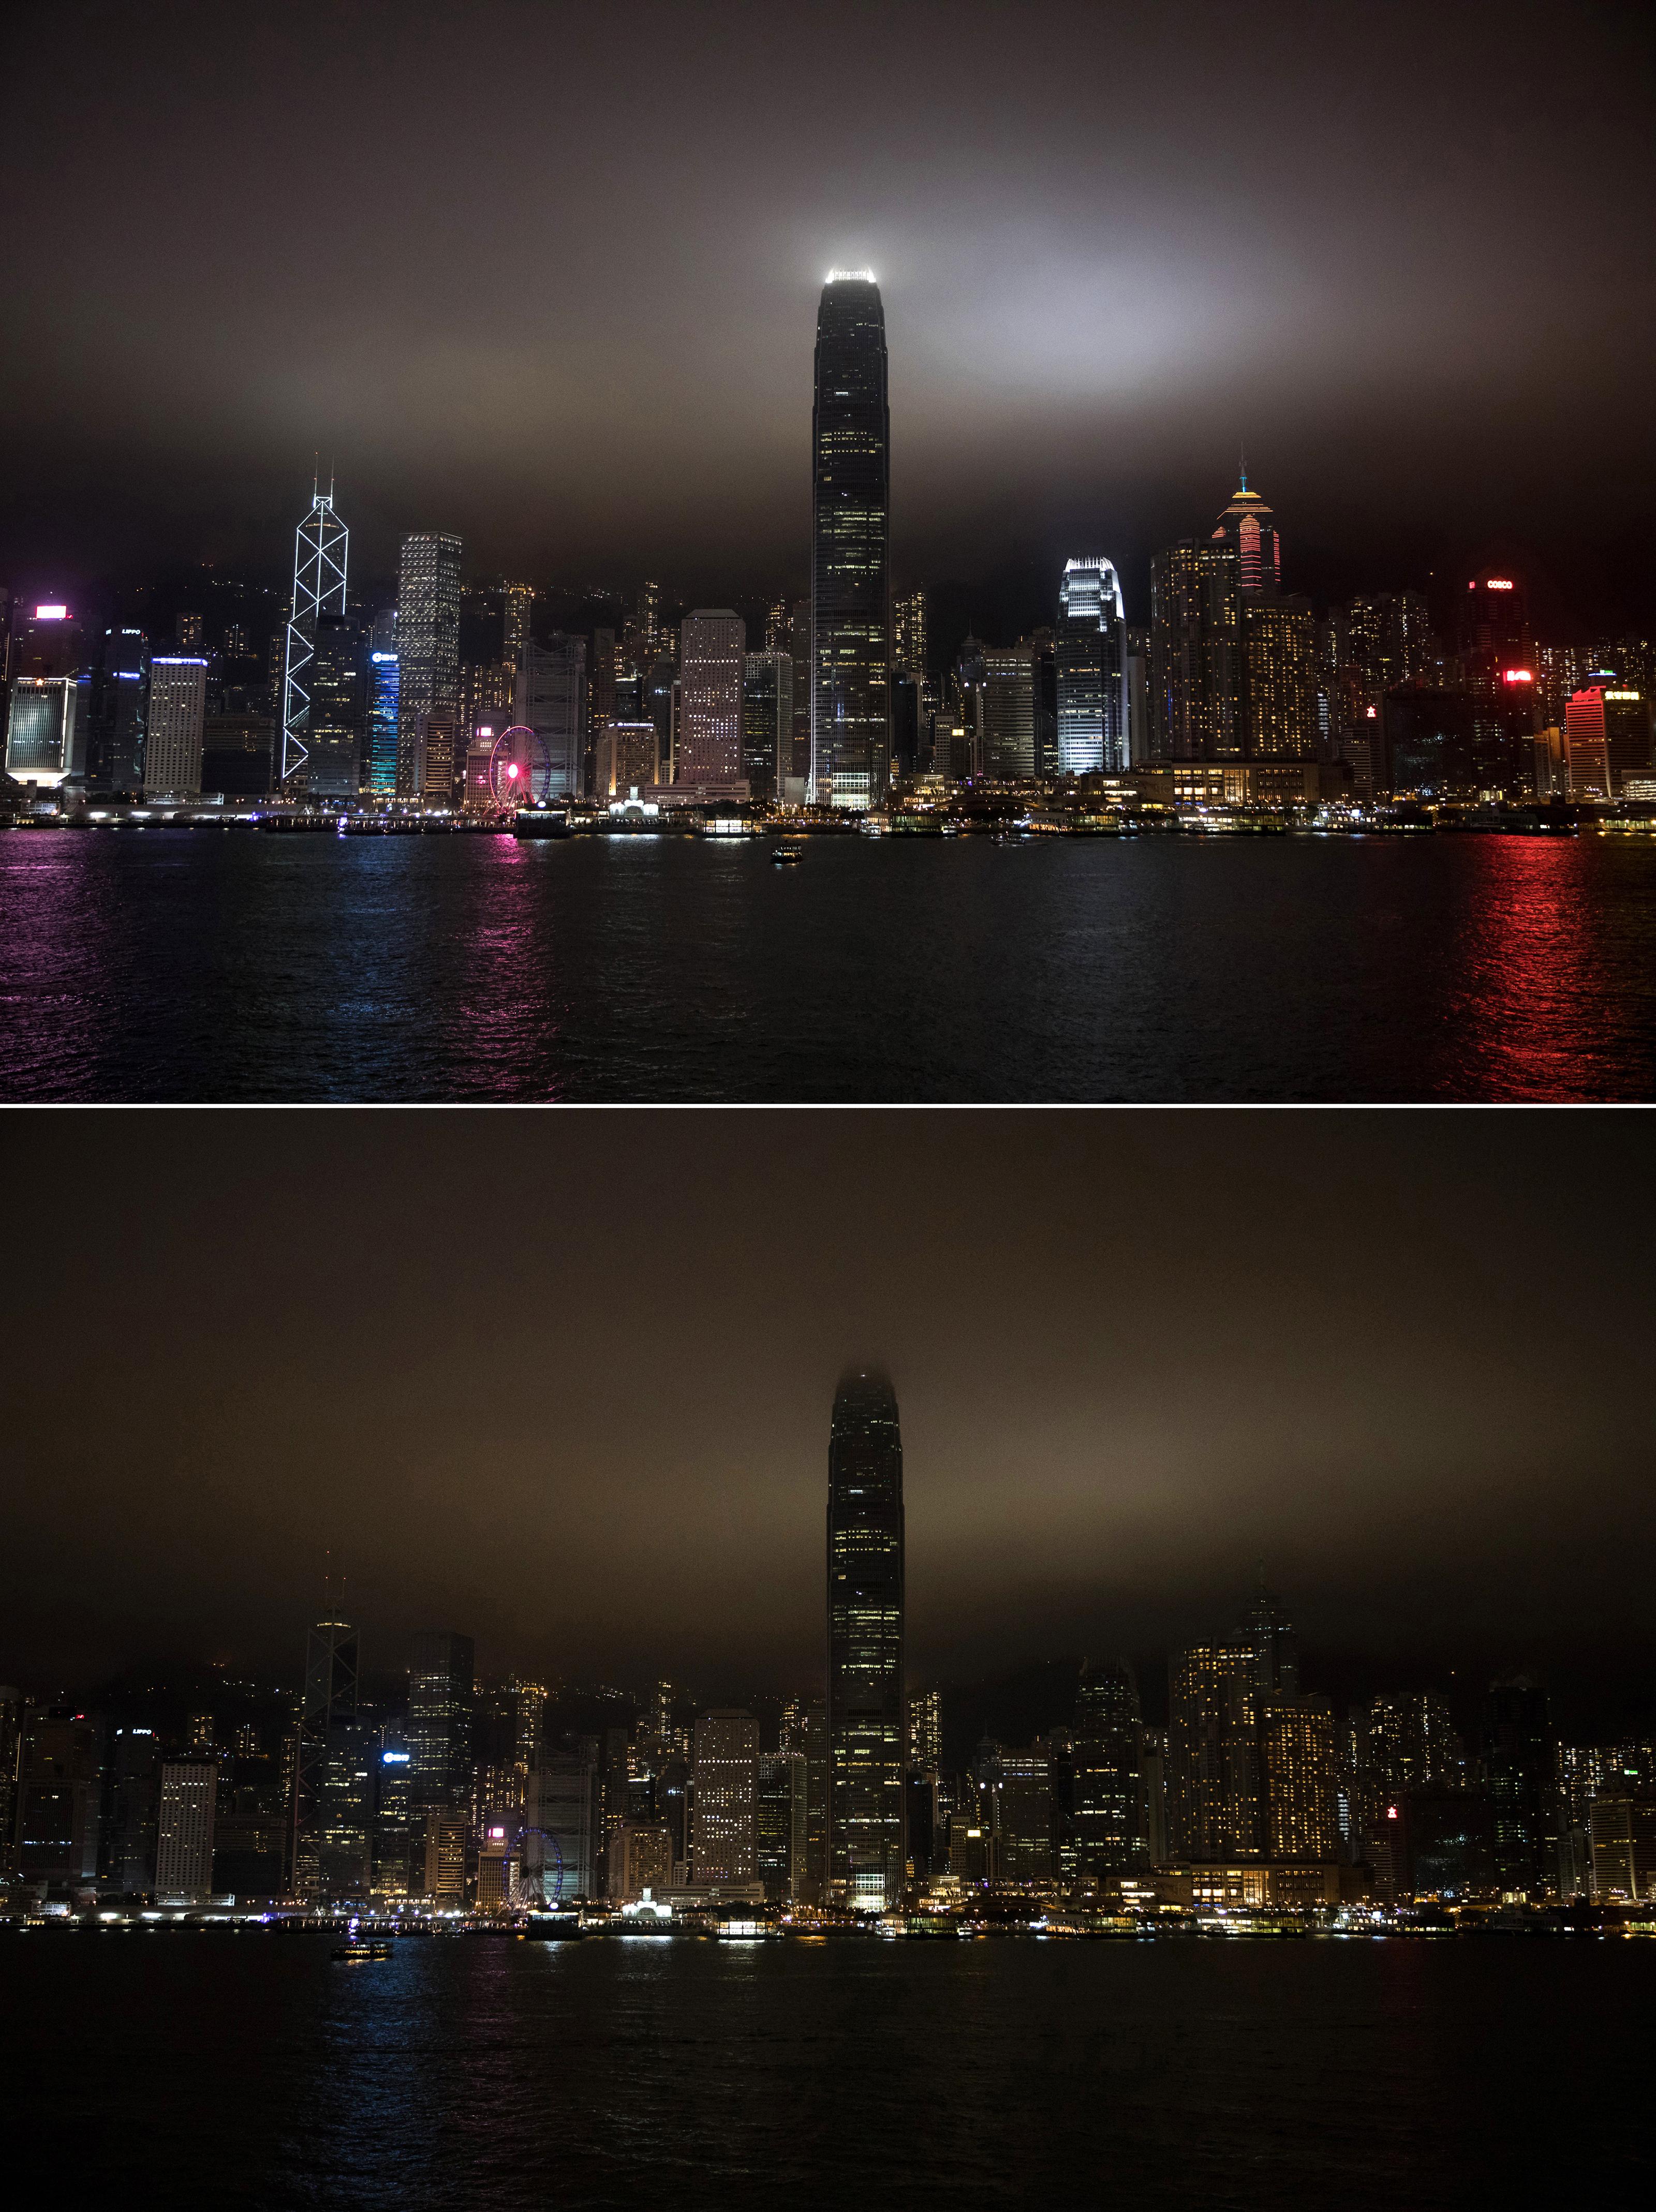 شاطئ جزيرة هونغ كونغ خلال ساعة الأرض - 30 أذار/مارس 2019